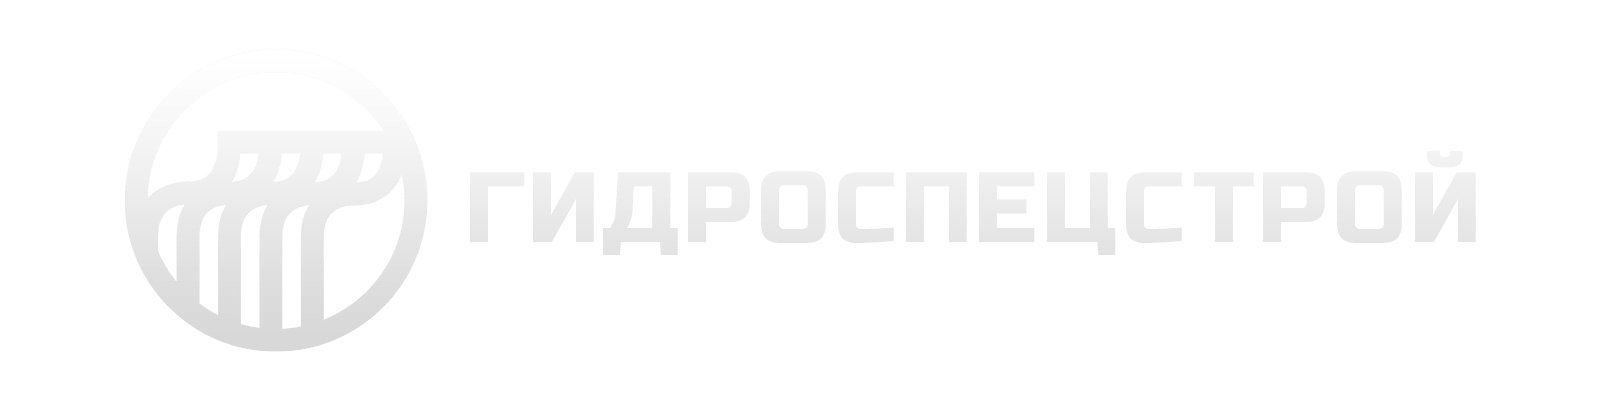 """ООО """"ЗО """"Гидроспецстрой"""""""